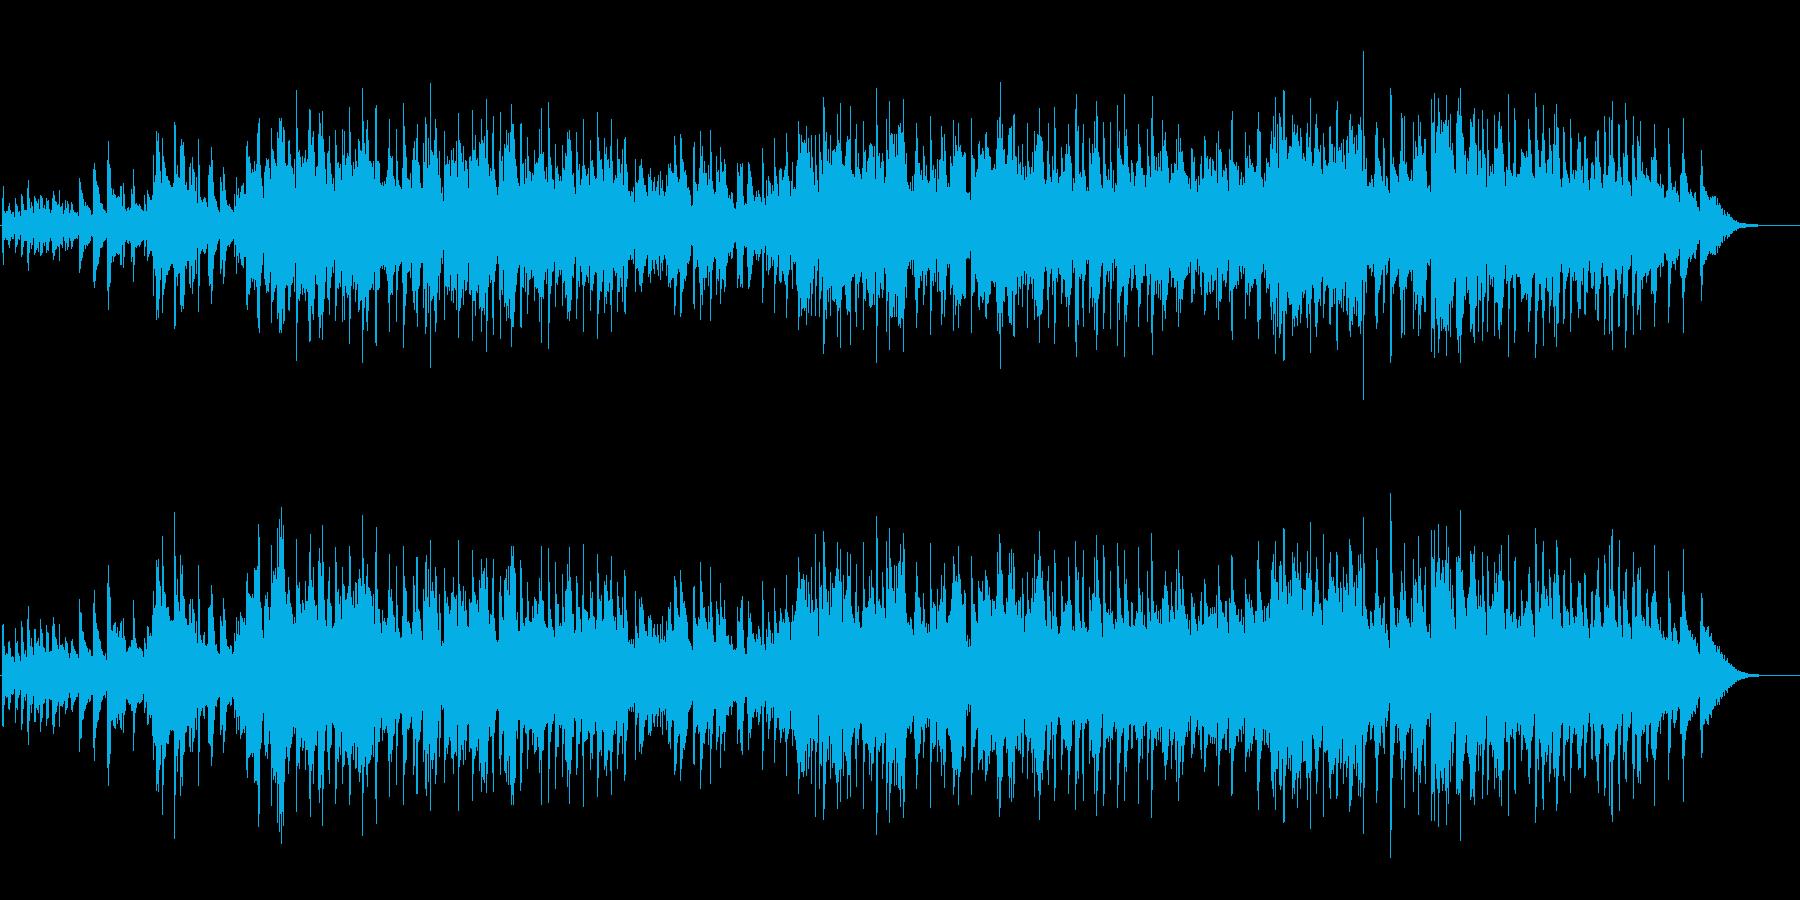 ジェントル&メローなジャズ・バラードの再生済みの波形